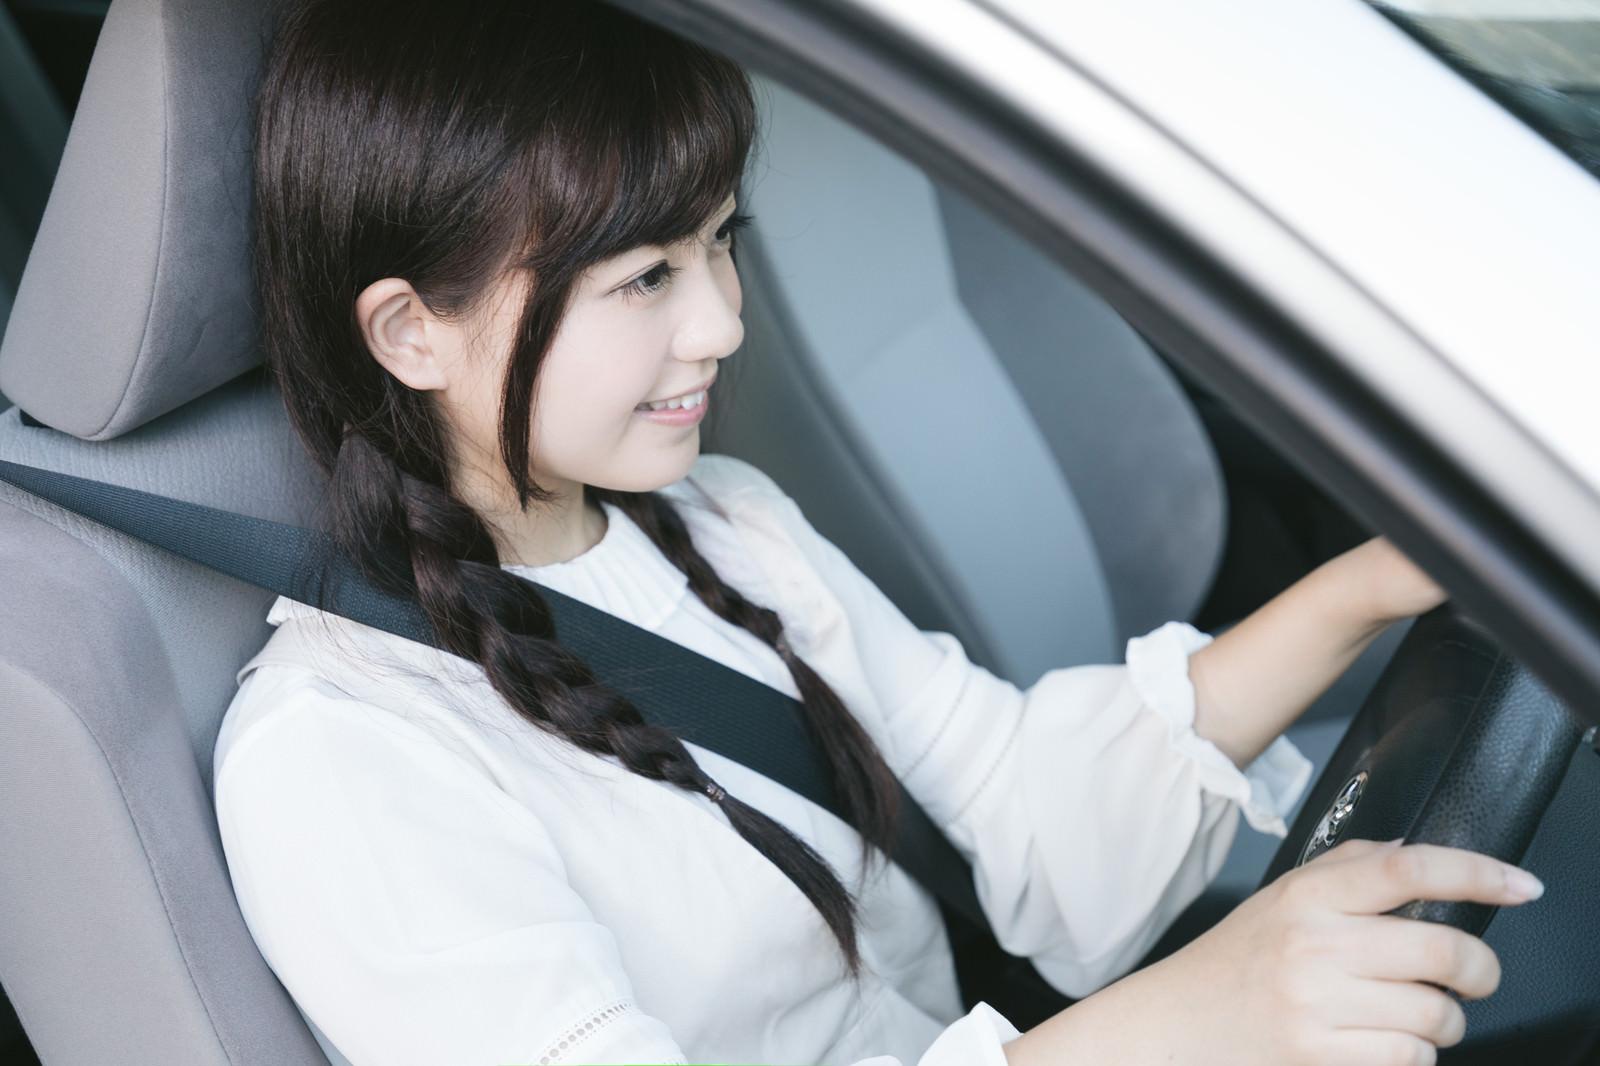 「シートベルトを着用して安全運転中」の写真[モデル:河村友歌]